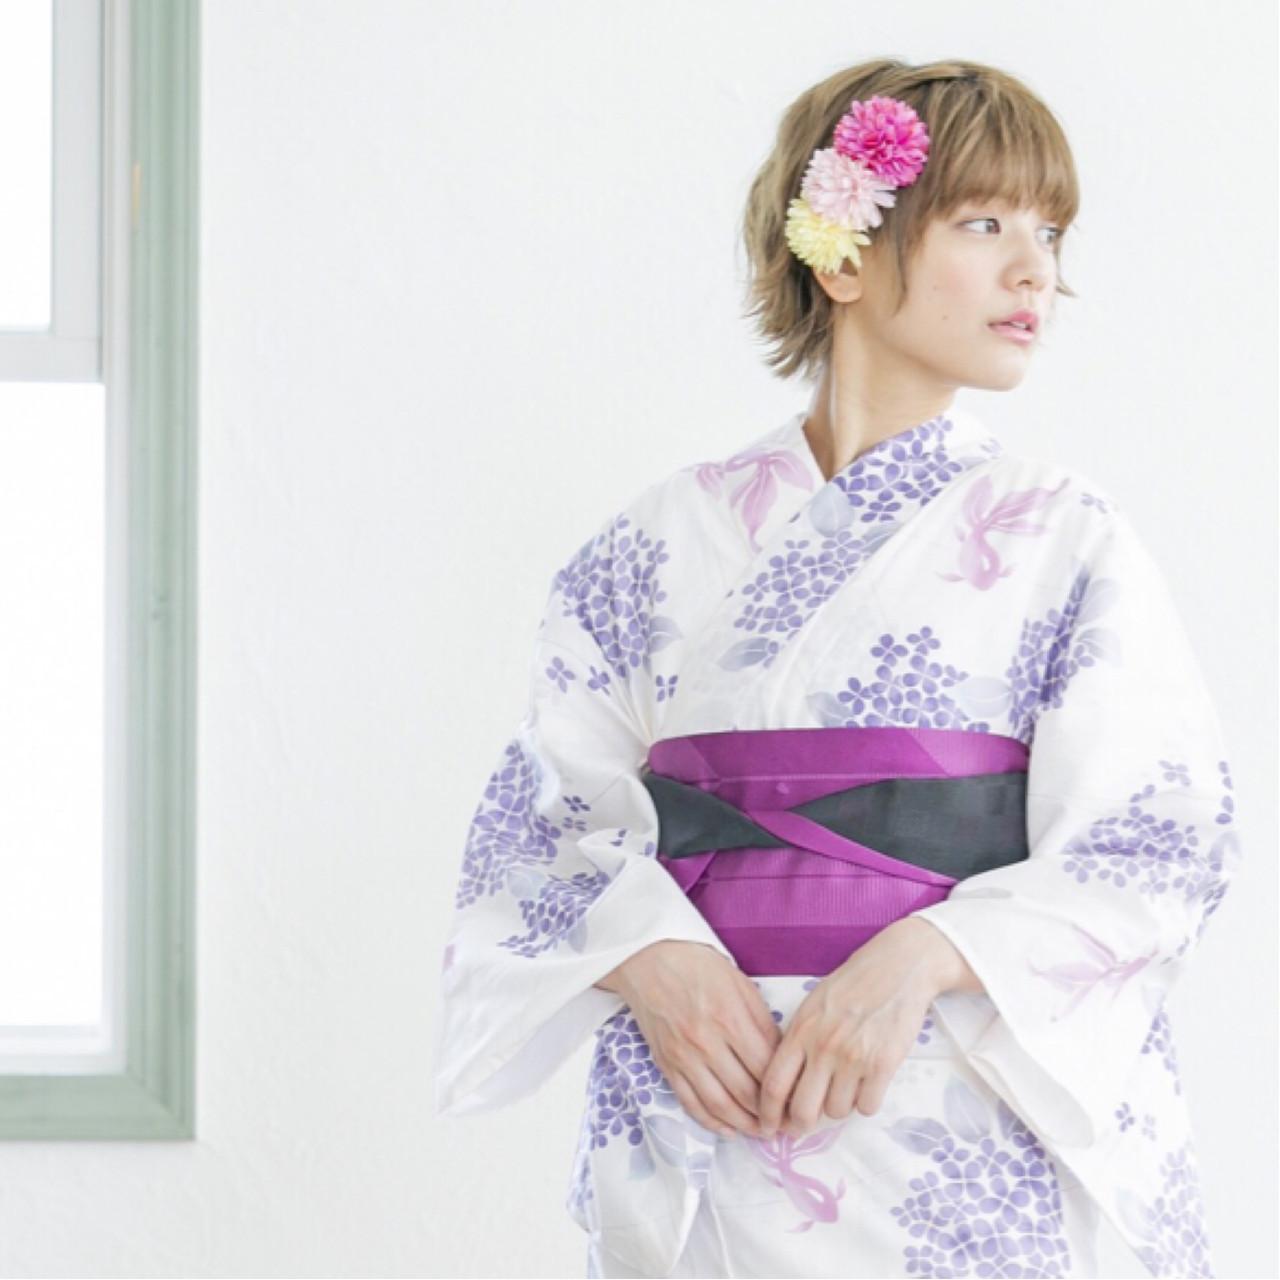 デートで夏祭りに行くなら定番の浴衣コーデ! 石川 瑠利子